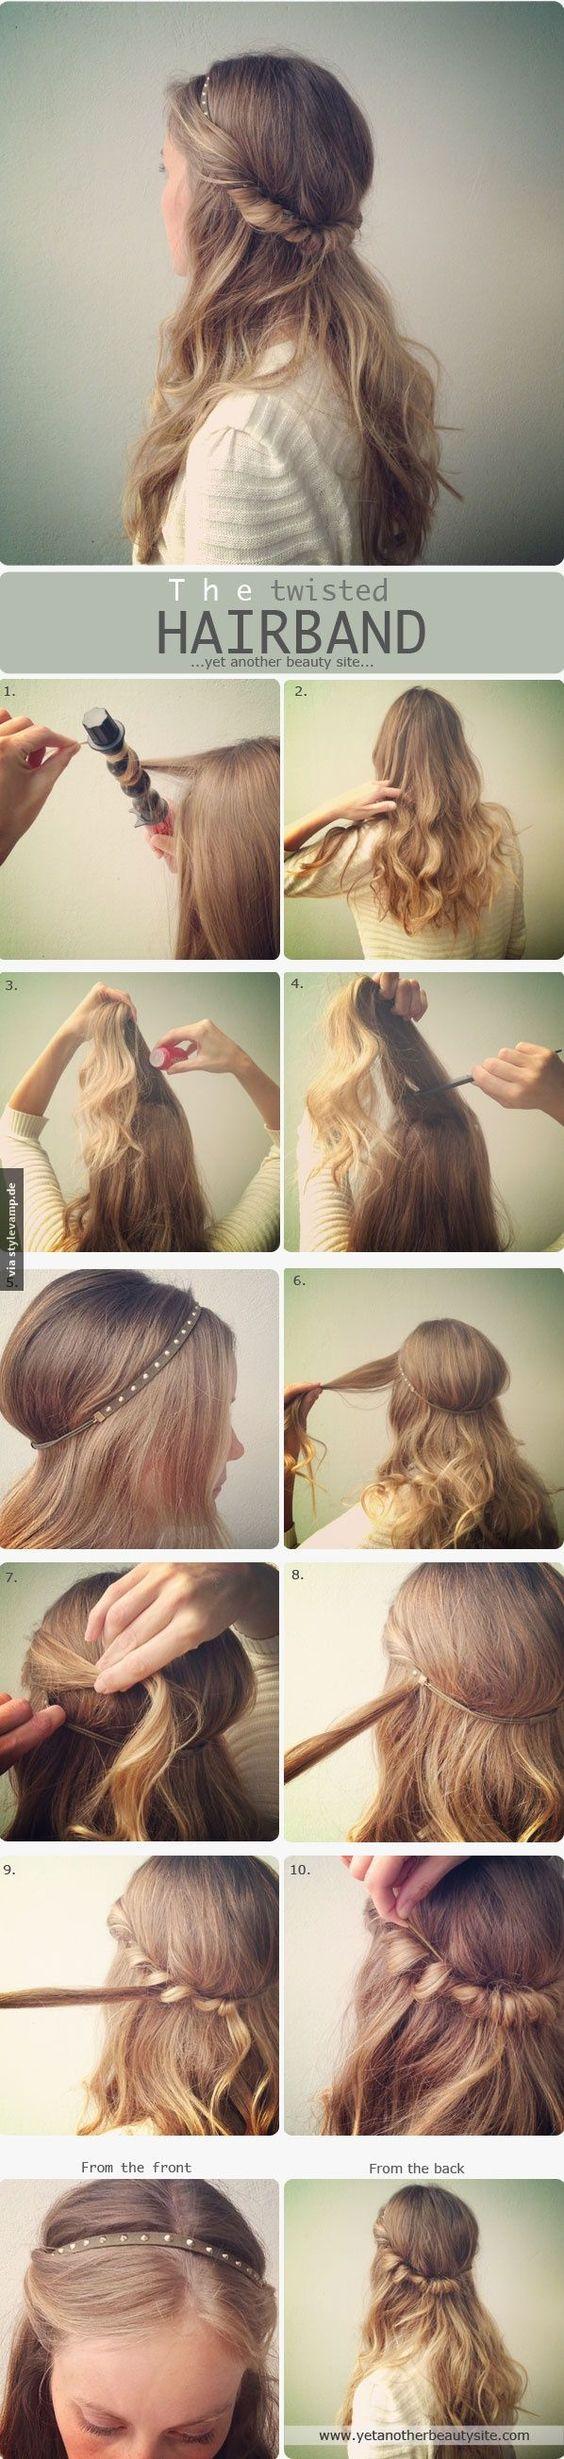 Das gedrehte Haarband